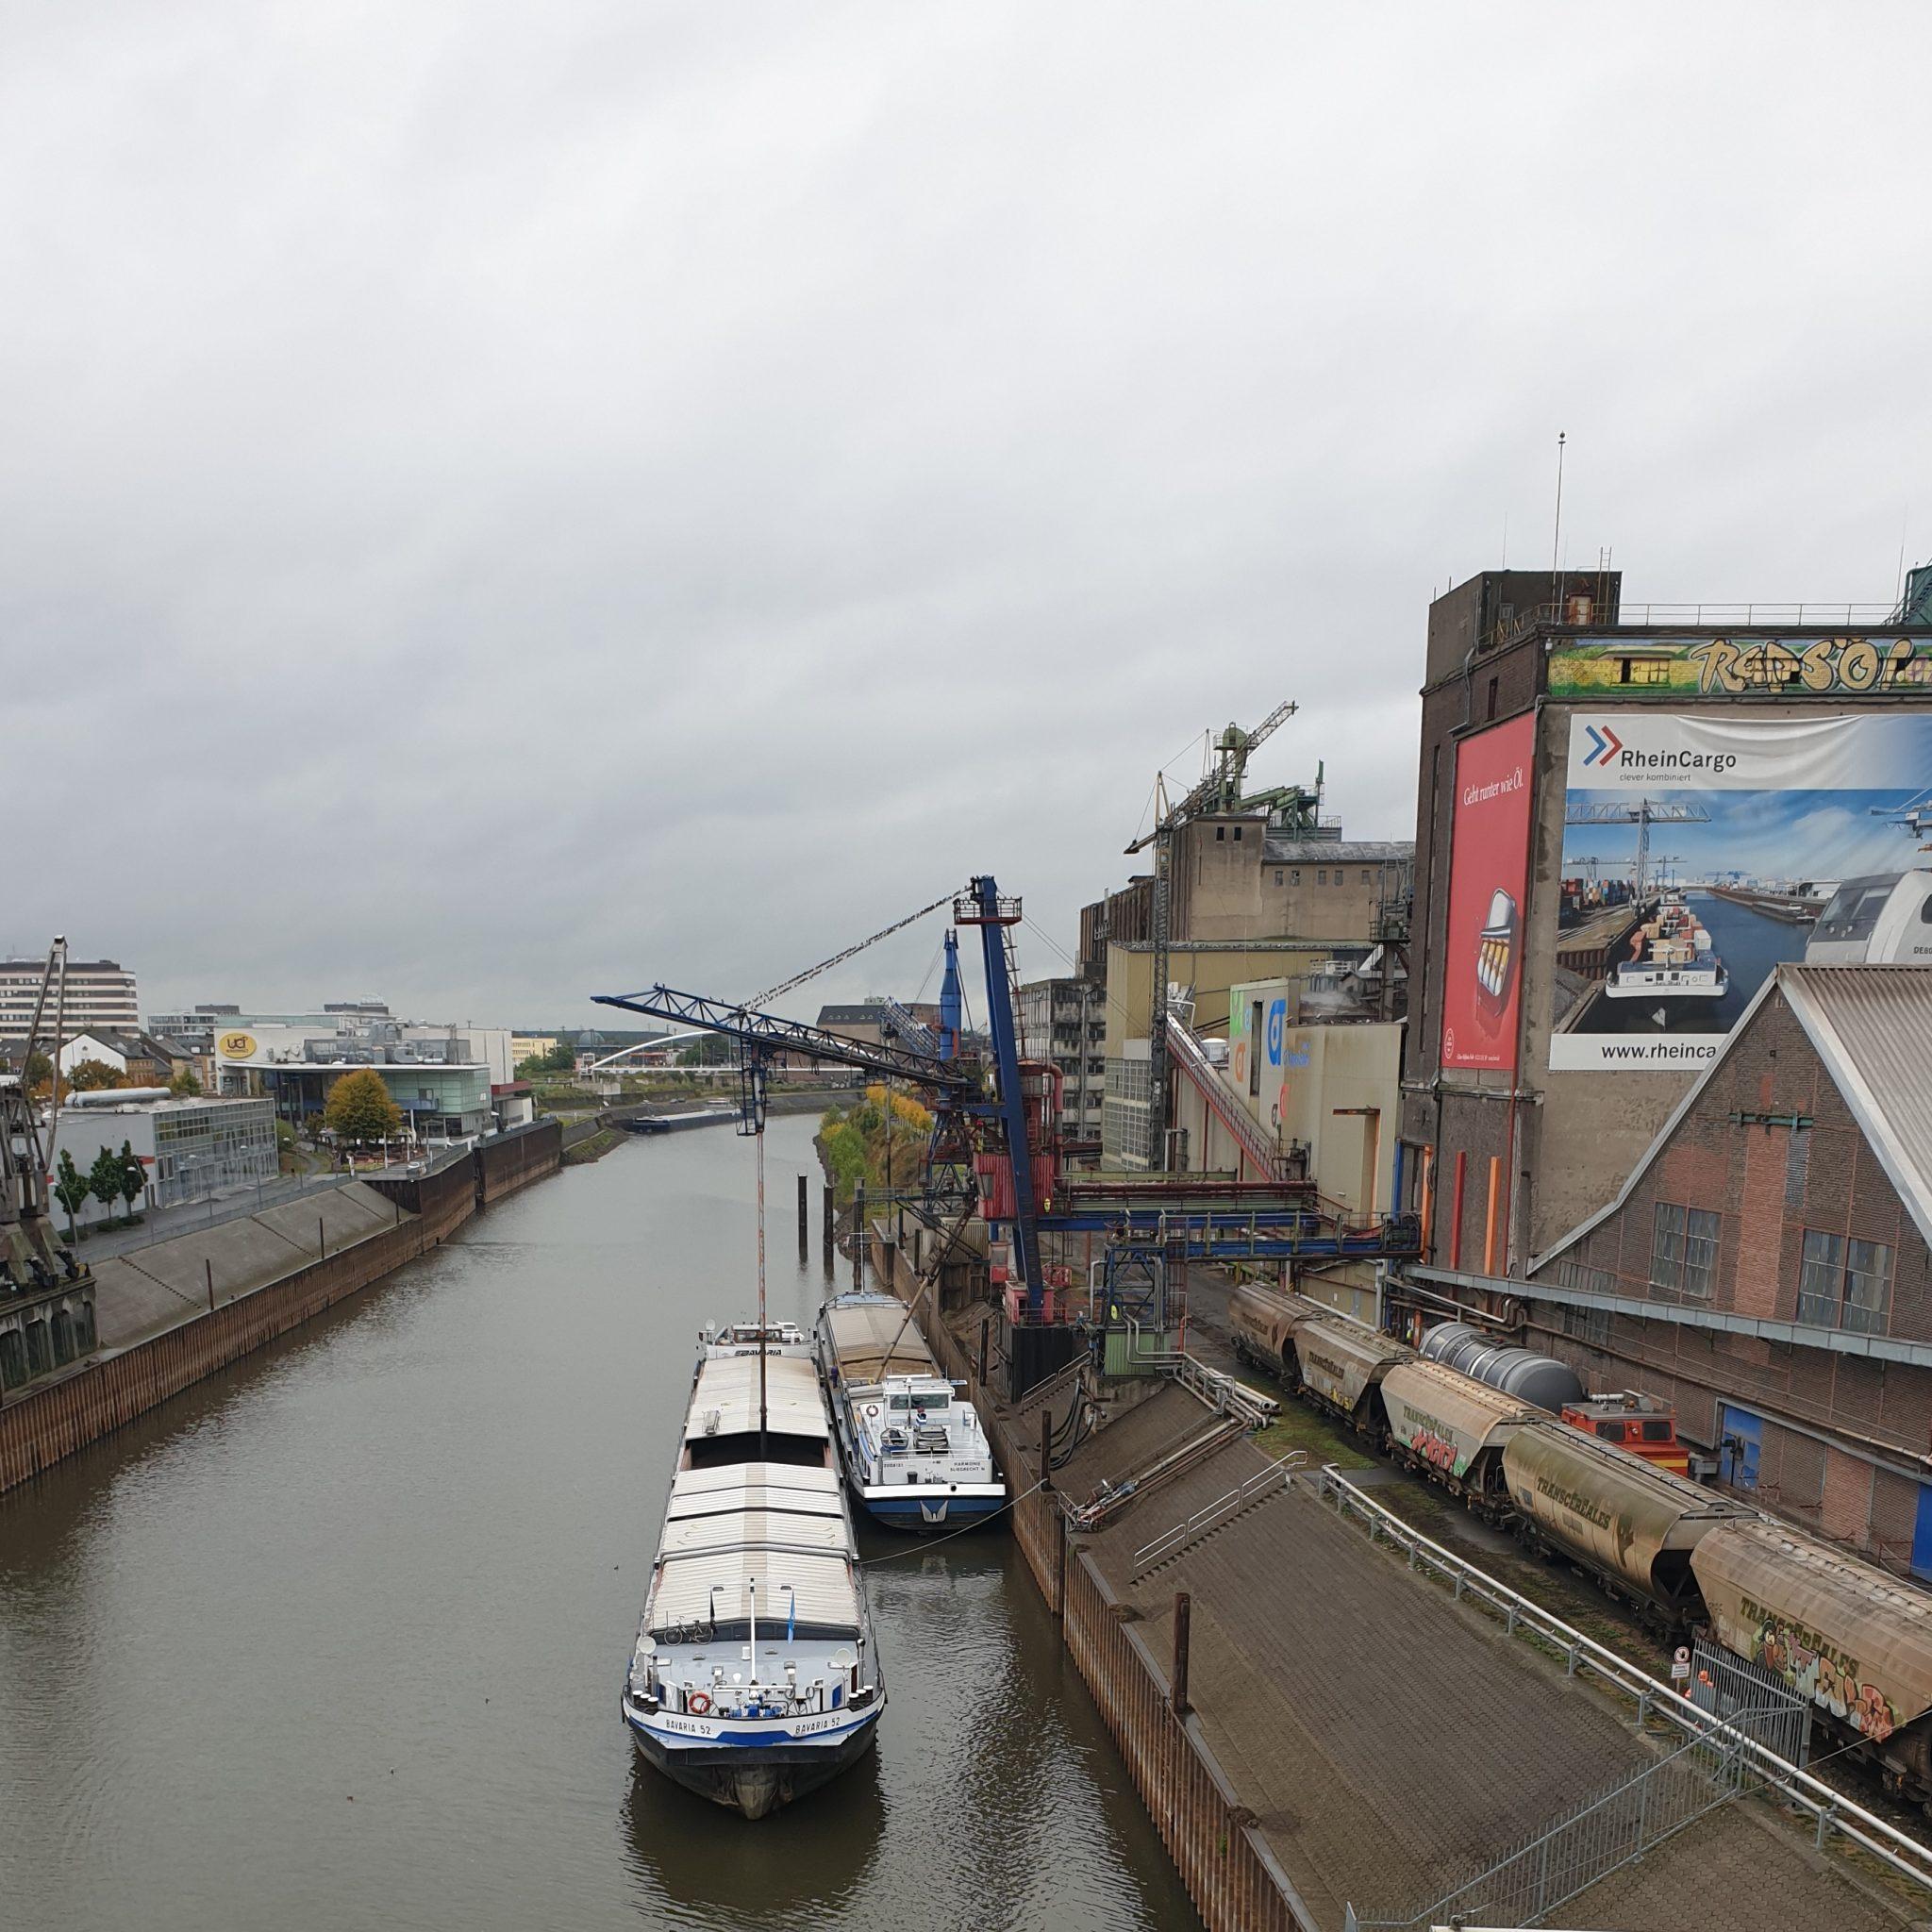 Jaarlijks gaan er ongeveer 200 miljoen ton aan goederen over de Duitse waterwegen. (Foto BDB)